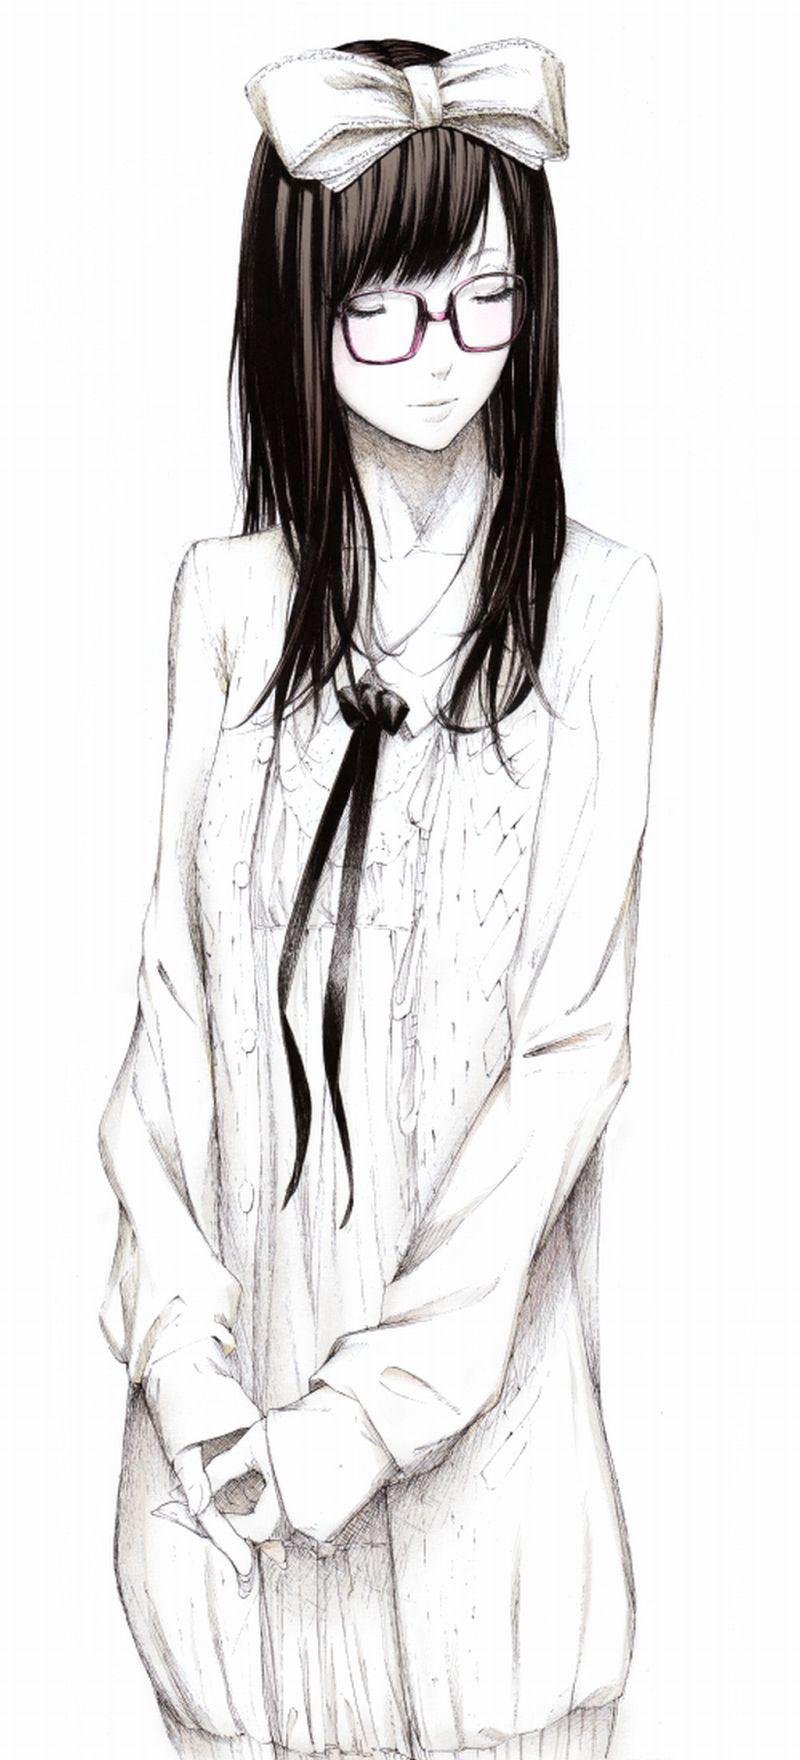 аниме картинка девушки в очках sawasawa